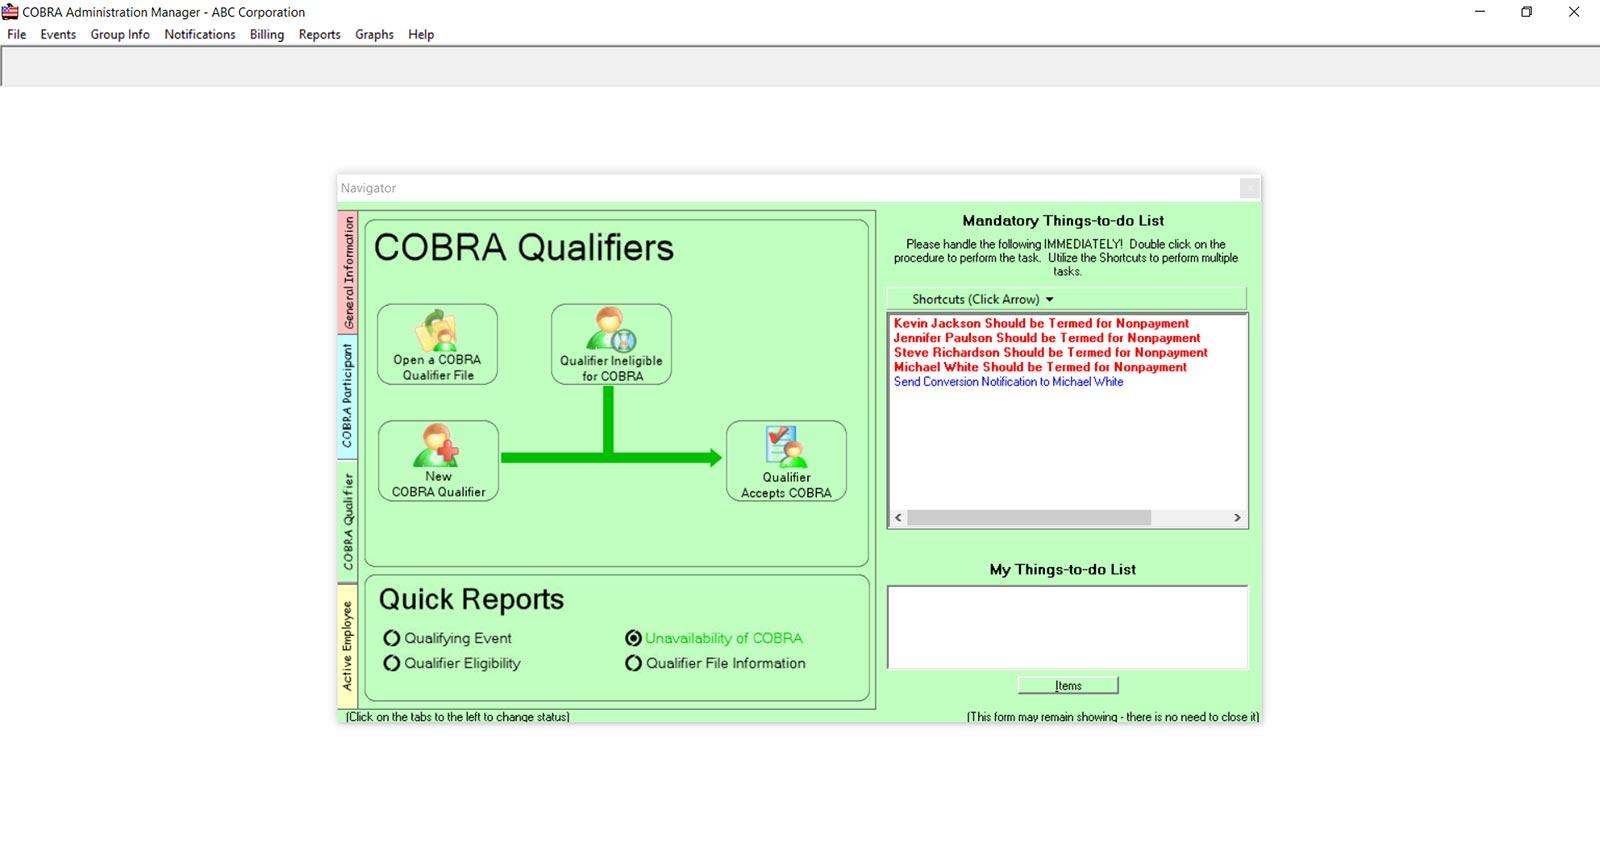 COBRA Administration Manager - Software Features - COBRA